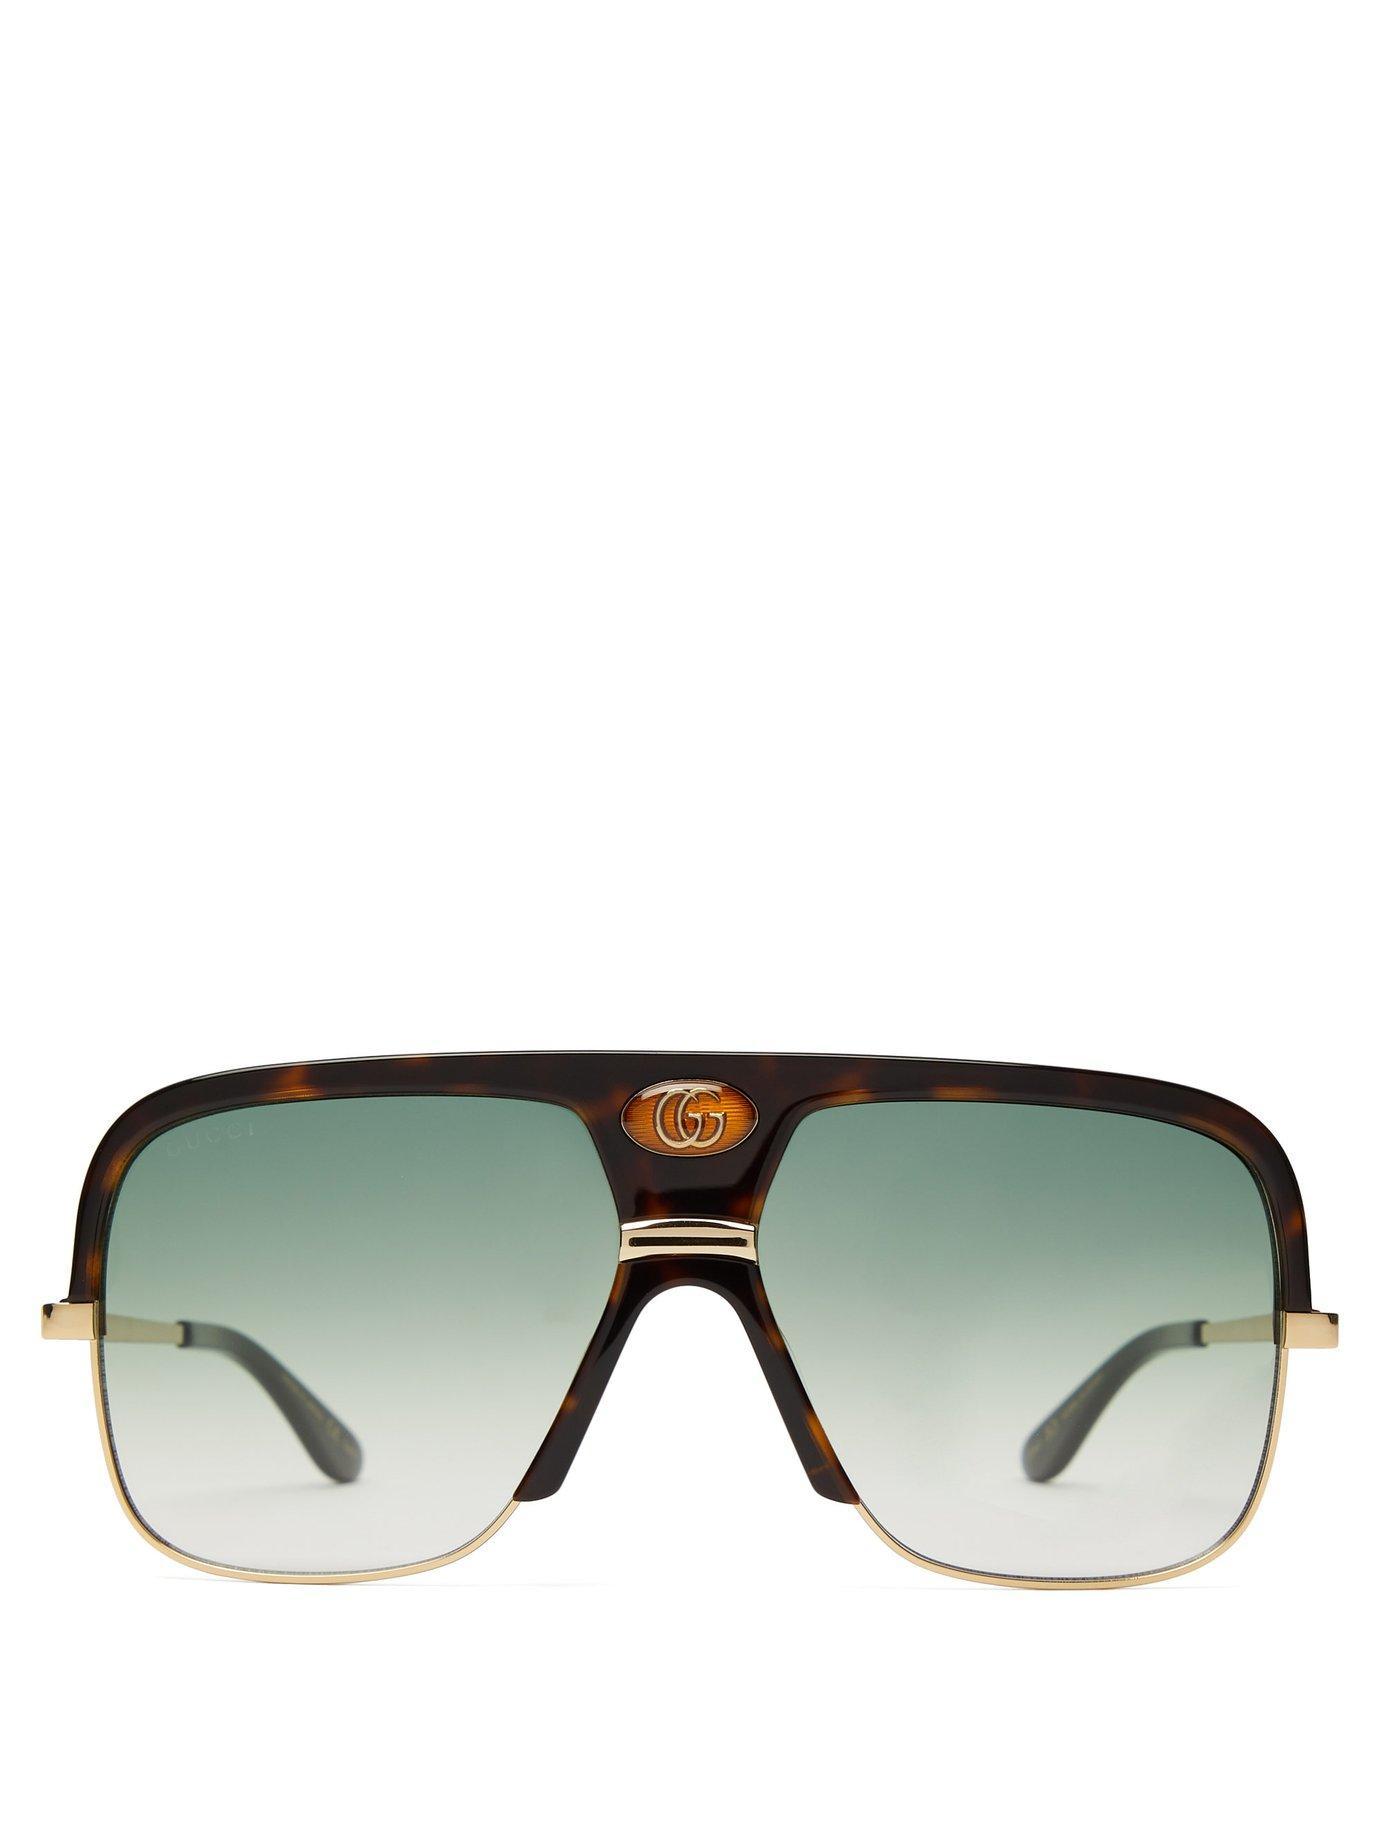 3930b09ffbf Lyst - Gucci Gg Aviator Frame Tortoiseshell Acetate Sunglasses for Men